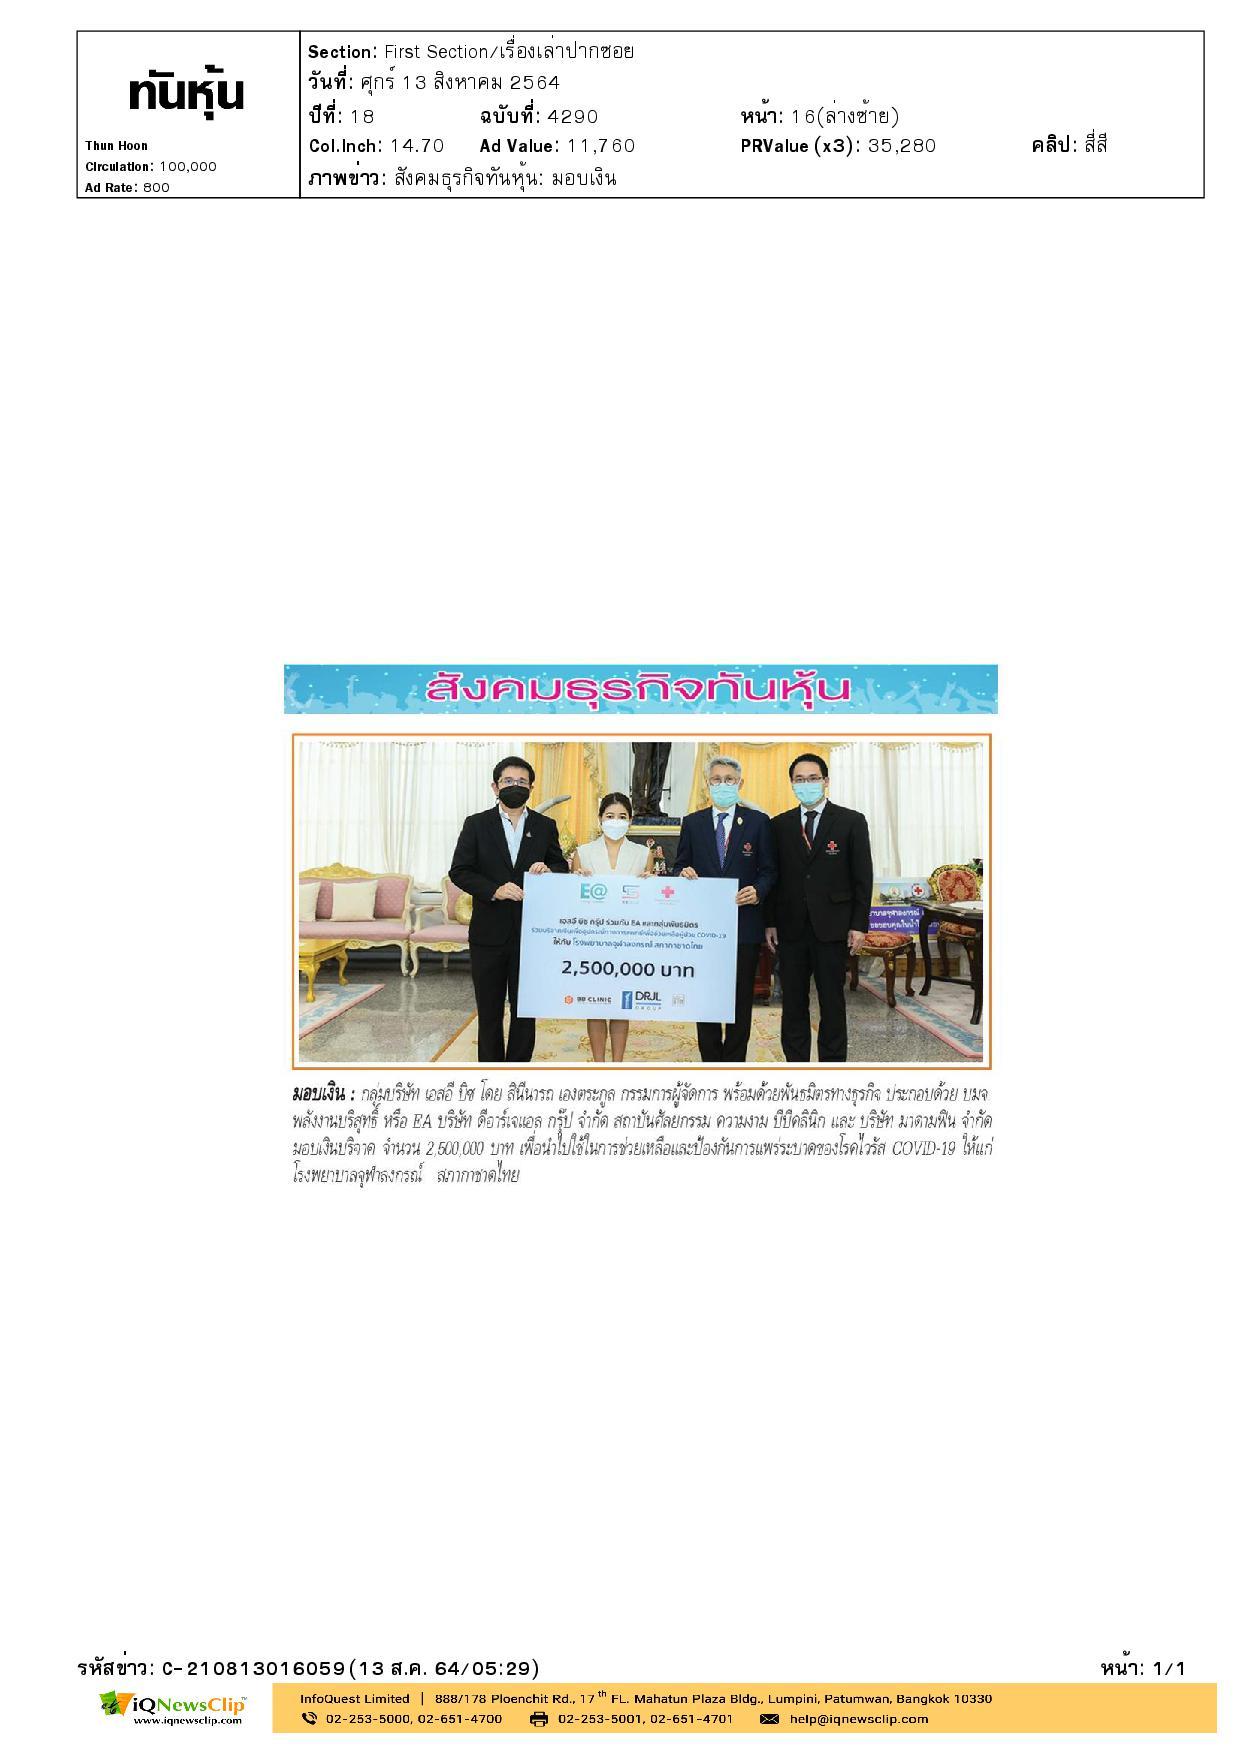 รับมอบเงินบริจาค เพื่อนำไปใช้ในการรักษาพยาบาลผู้ติดเชื้อโรคโควิด-19 ให้แก่ รพ.จุฬาฯ